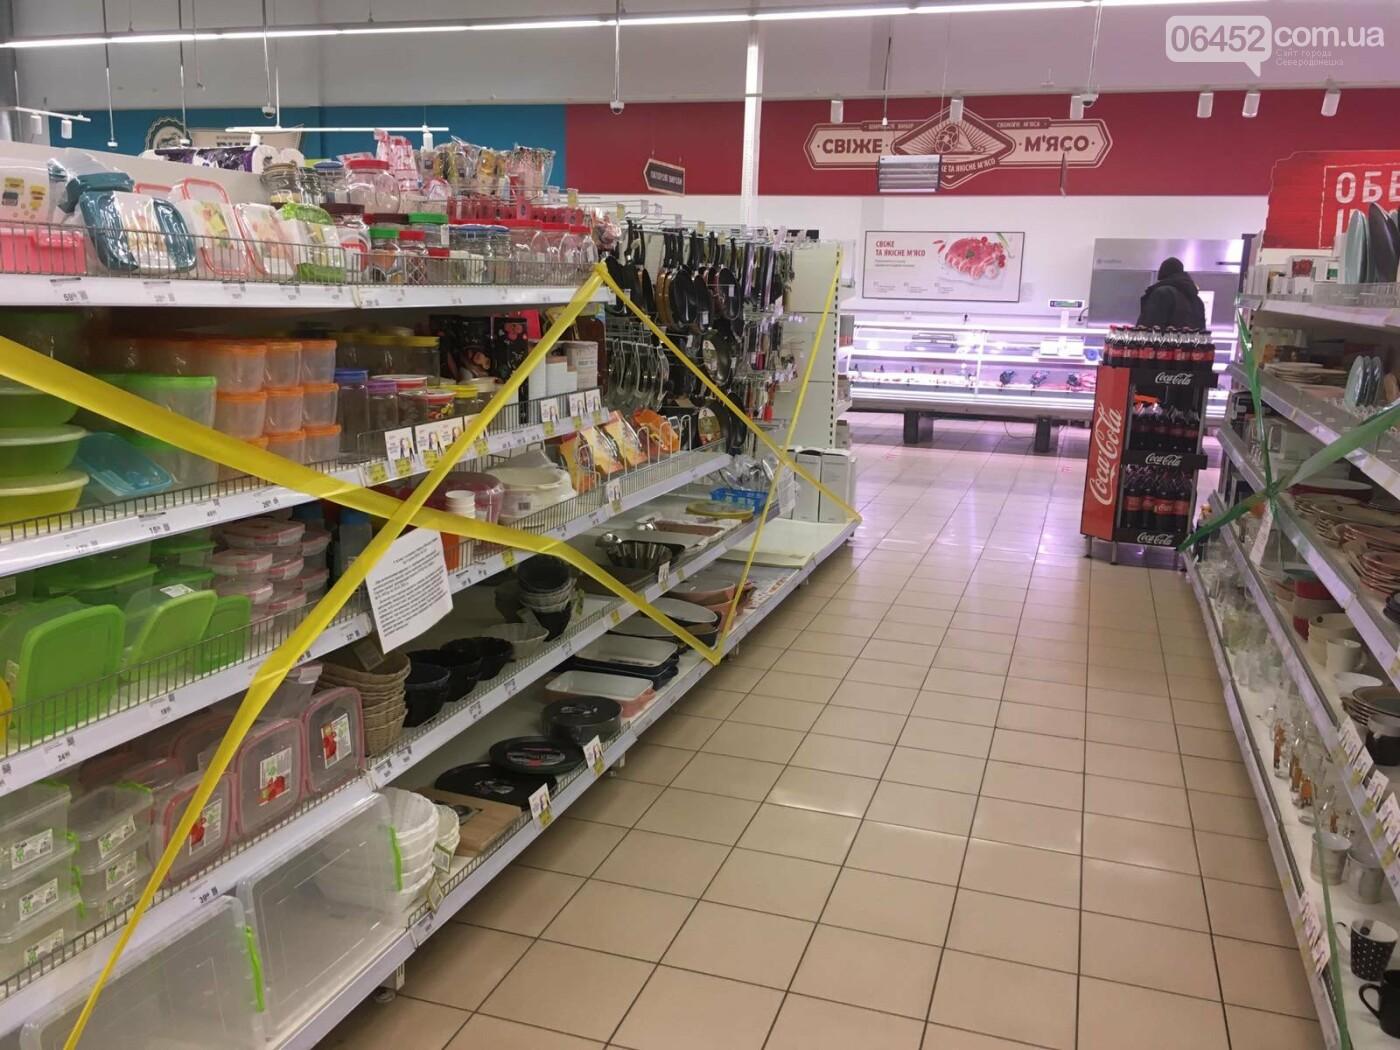 Локдаун в Северодонецке: что происходит в супермаркетах (фото) , фото-6